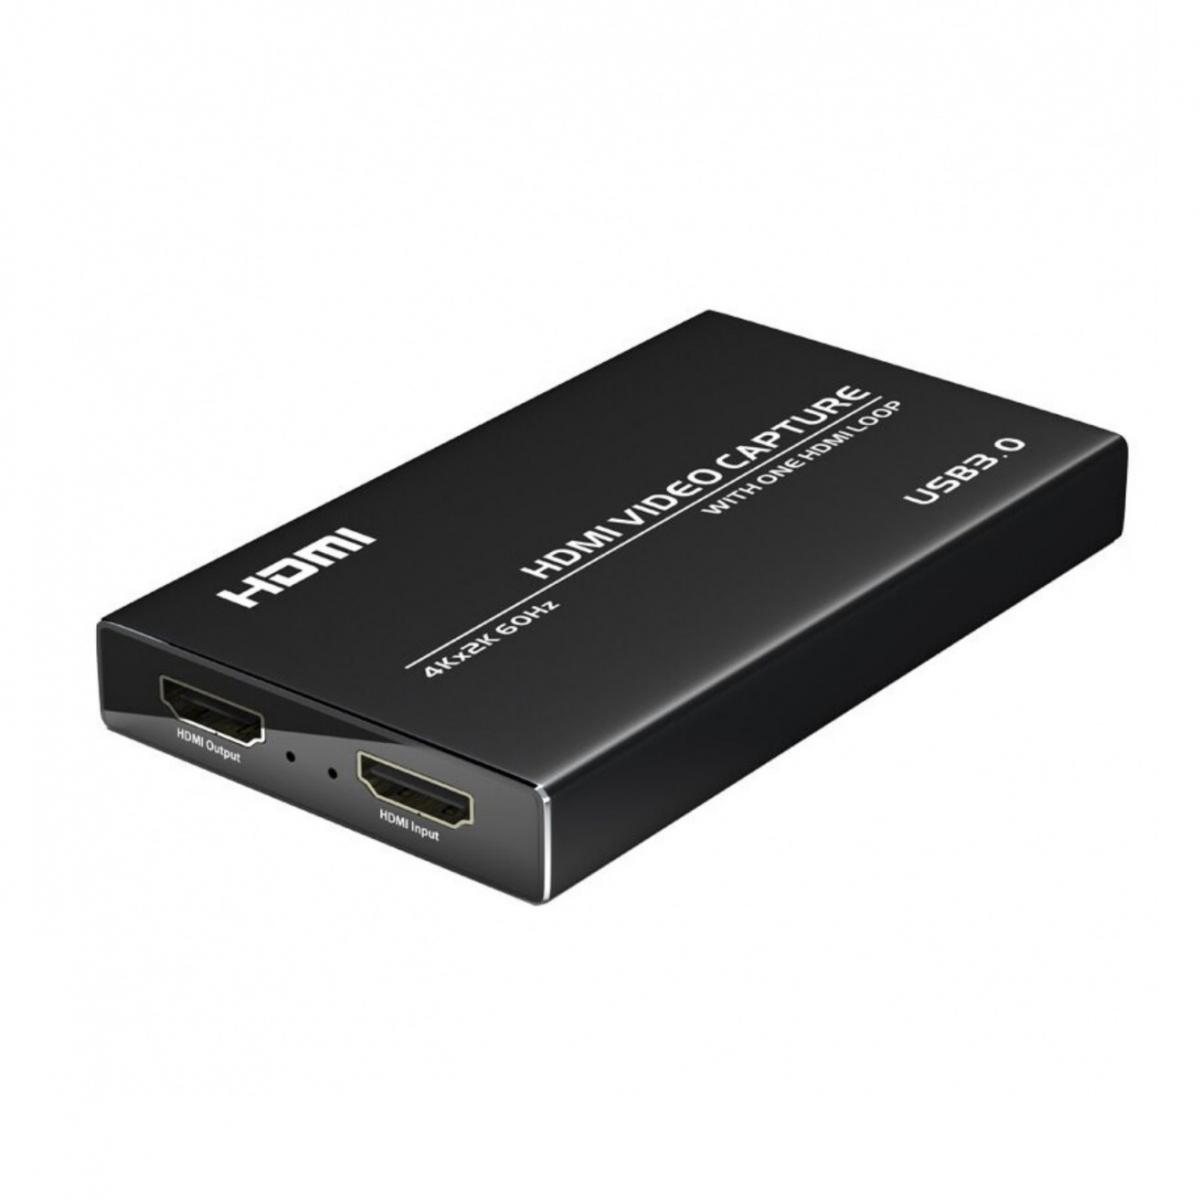 4K 60Гц карта захвата HDMI к USB 3,0 запись игр, Как записать игры Nintendo Switch, Как записать игры Playstation, Как записать игры Xbox, Как транслировать игры на YouTube